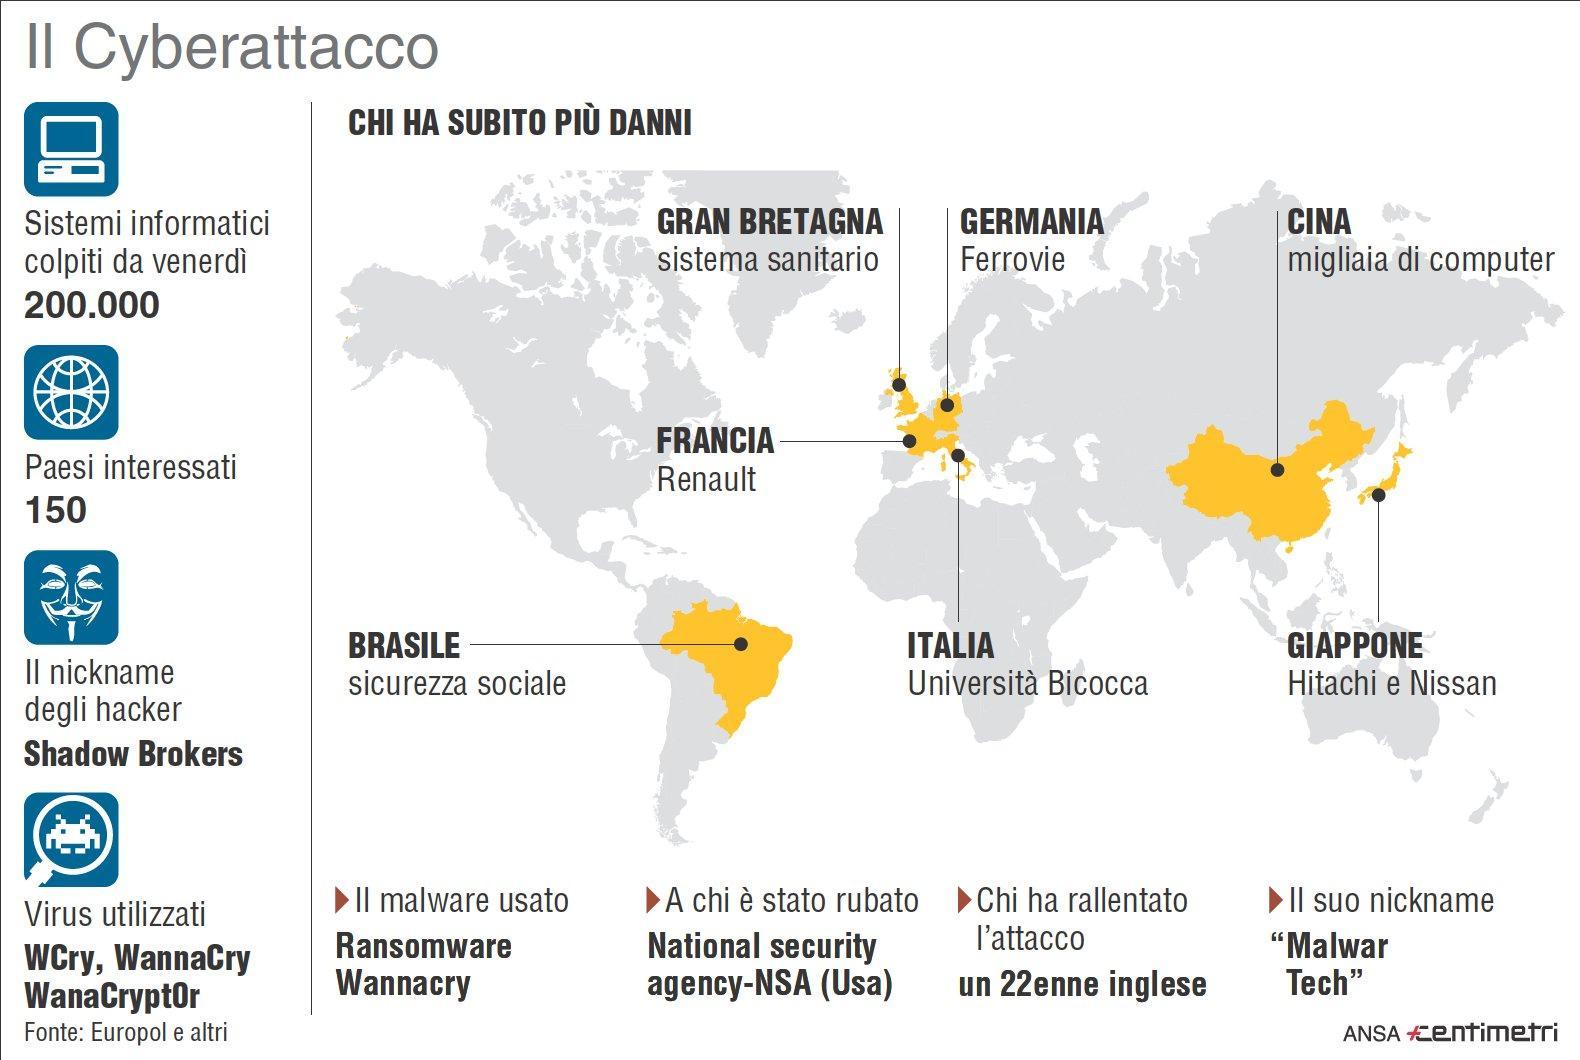 Cyberattacco, i Paesi più colpiti